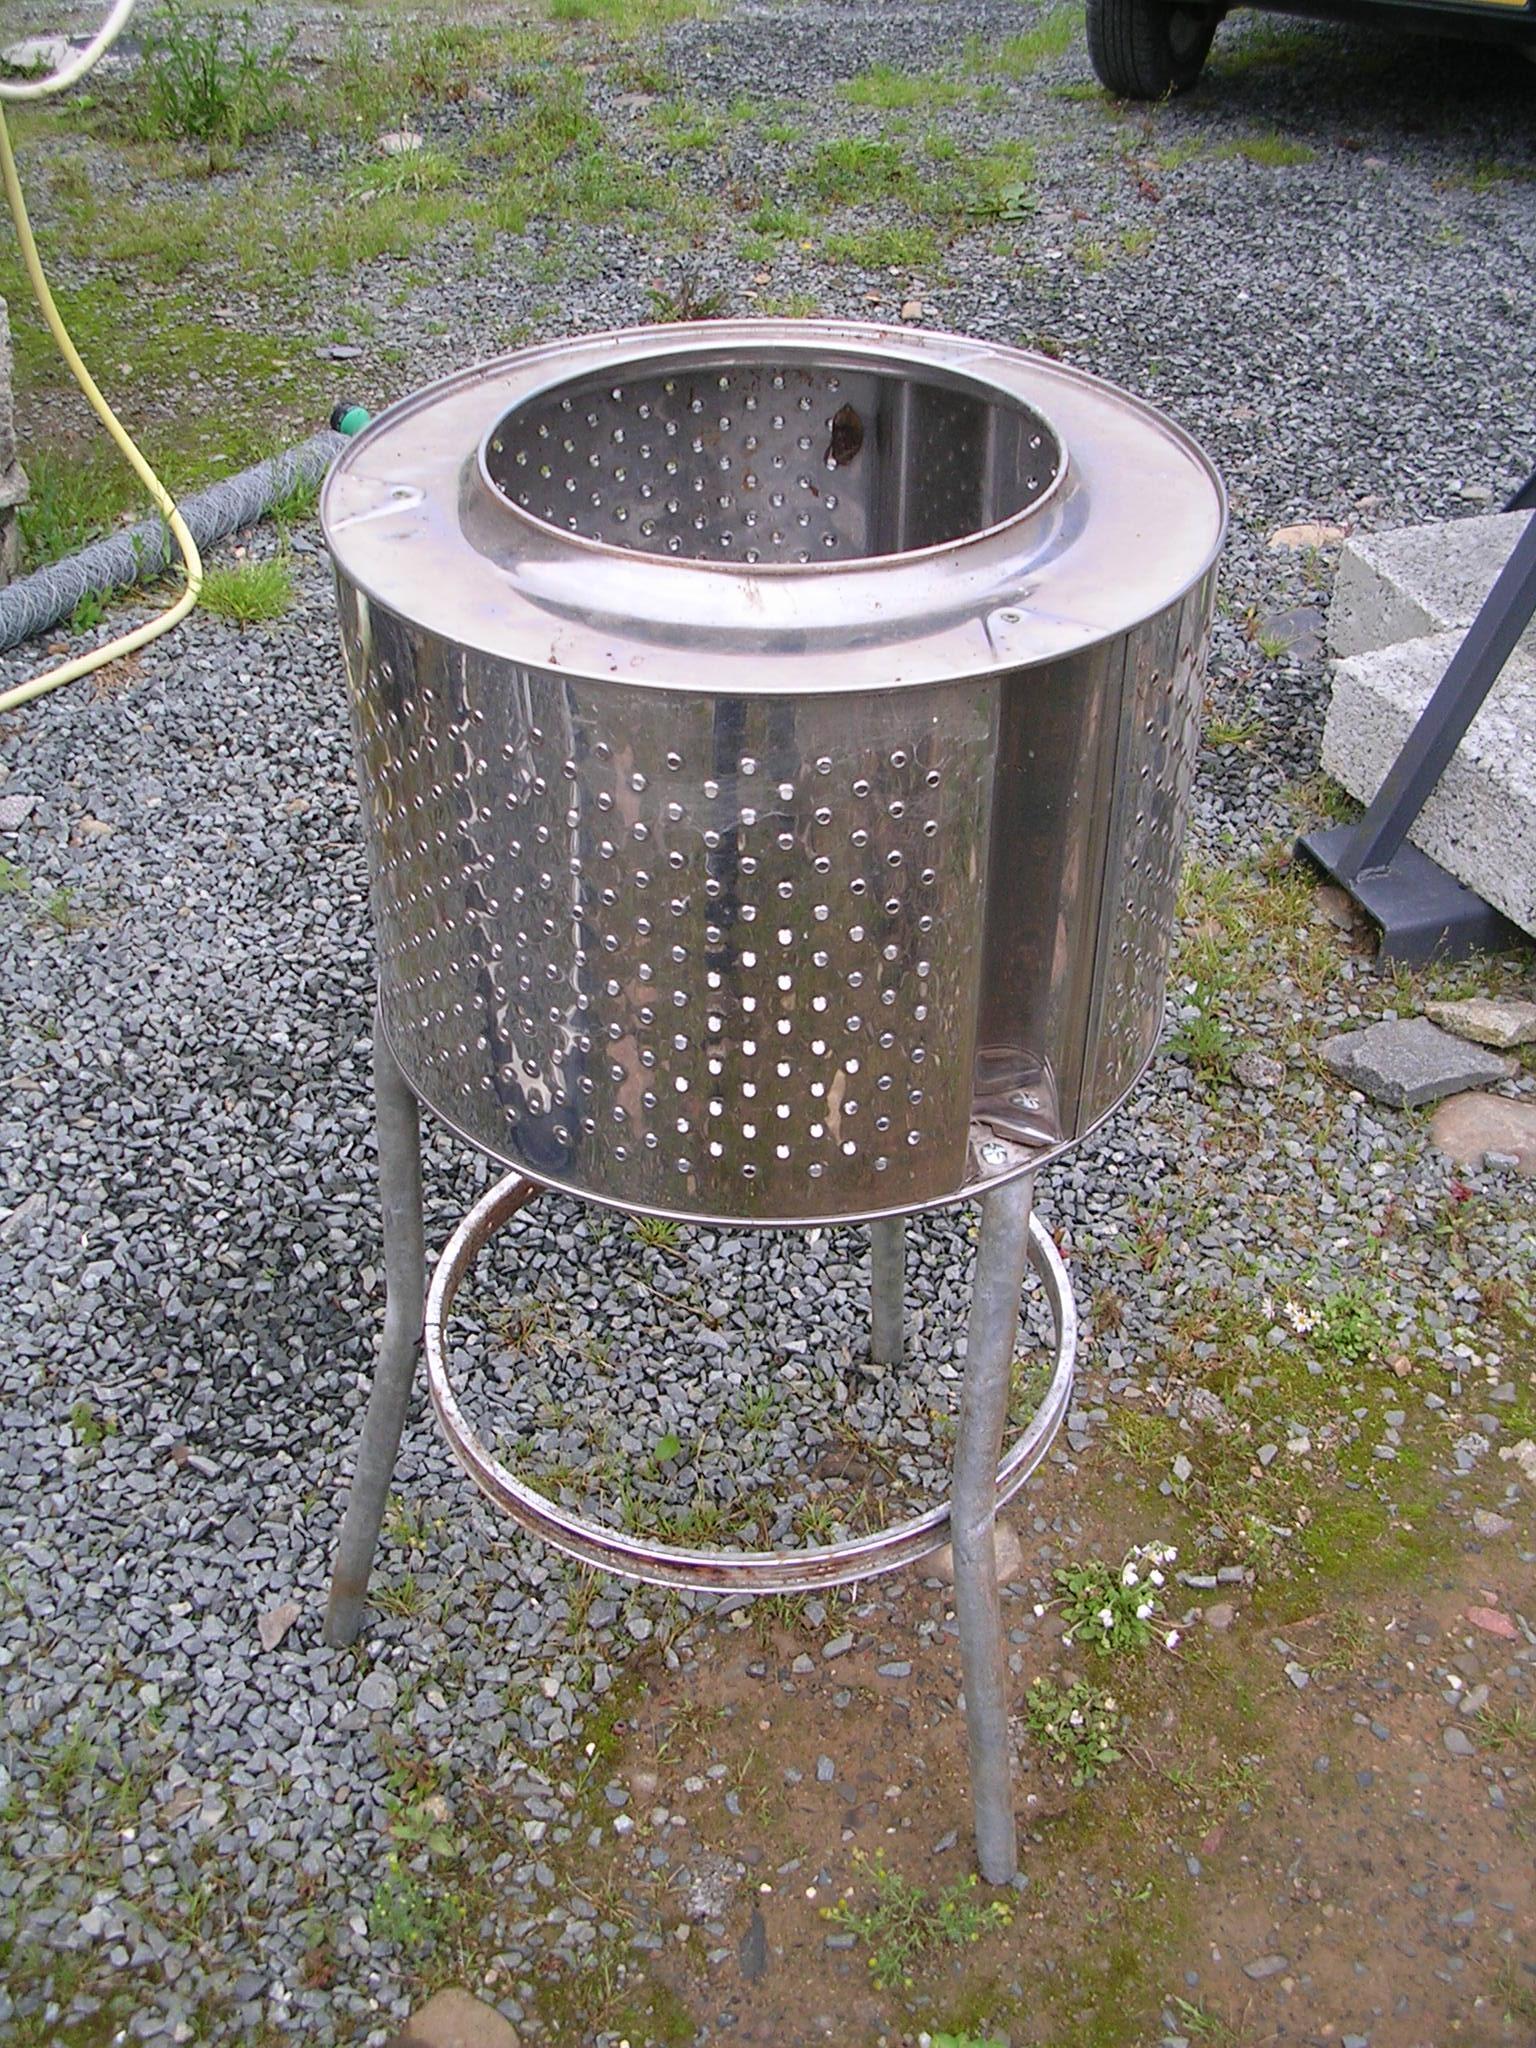 Stainless Steel Garden Incinerator Patio Heater From